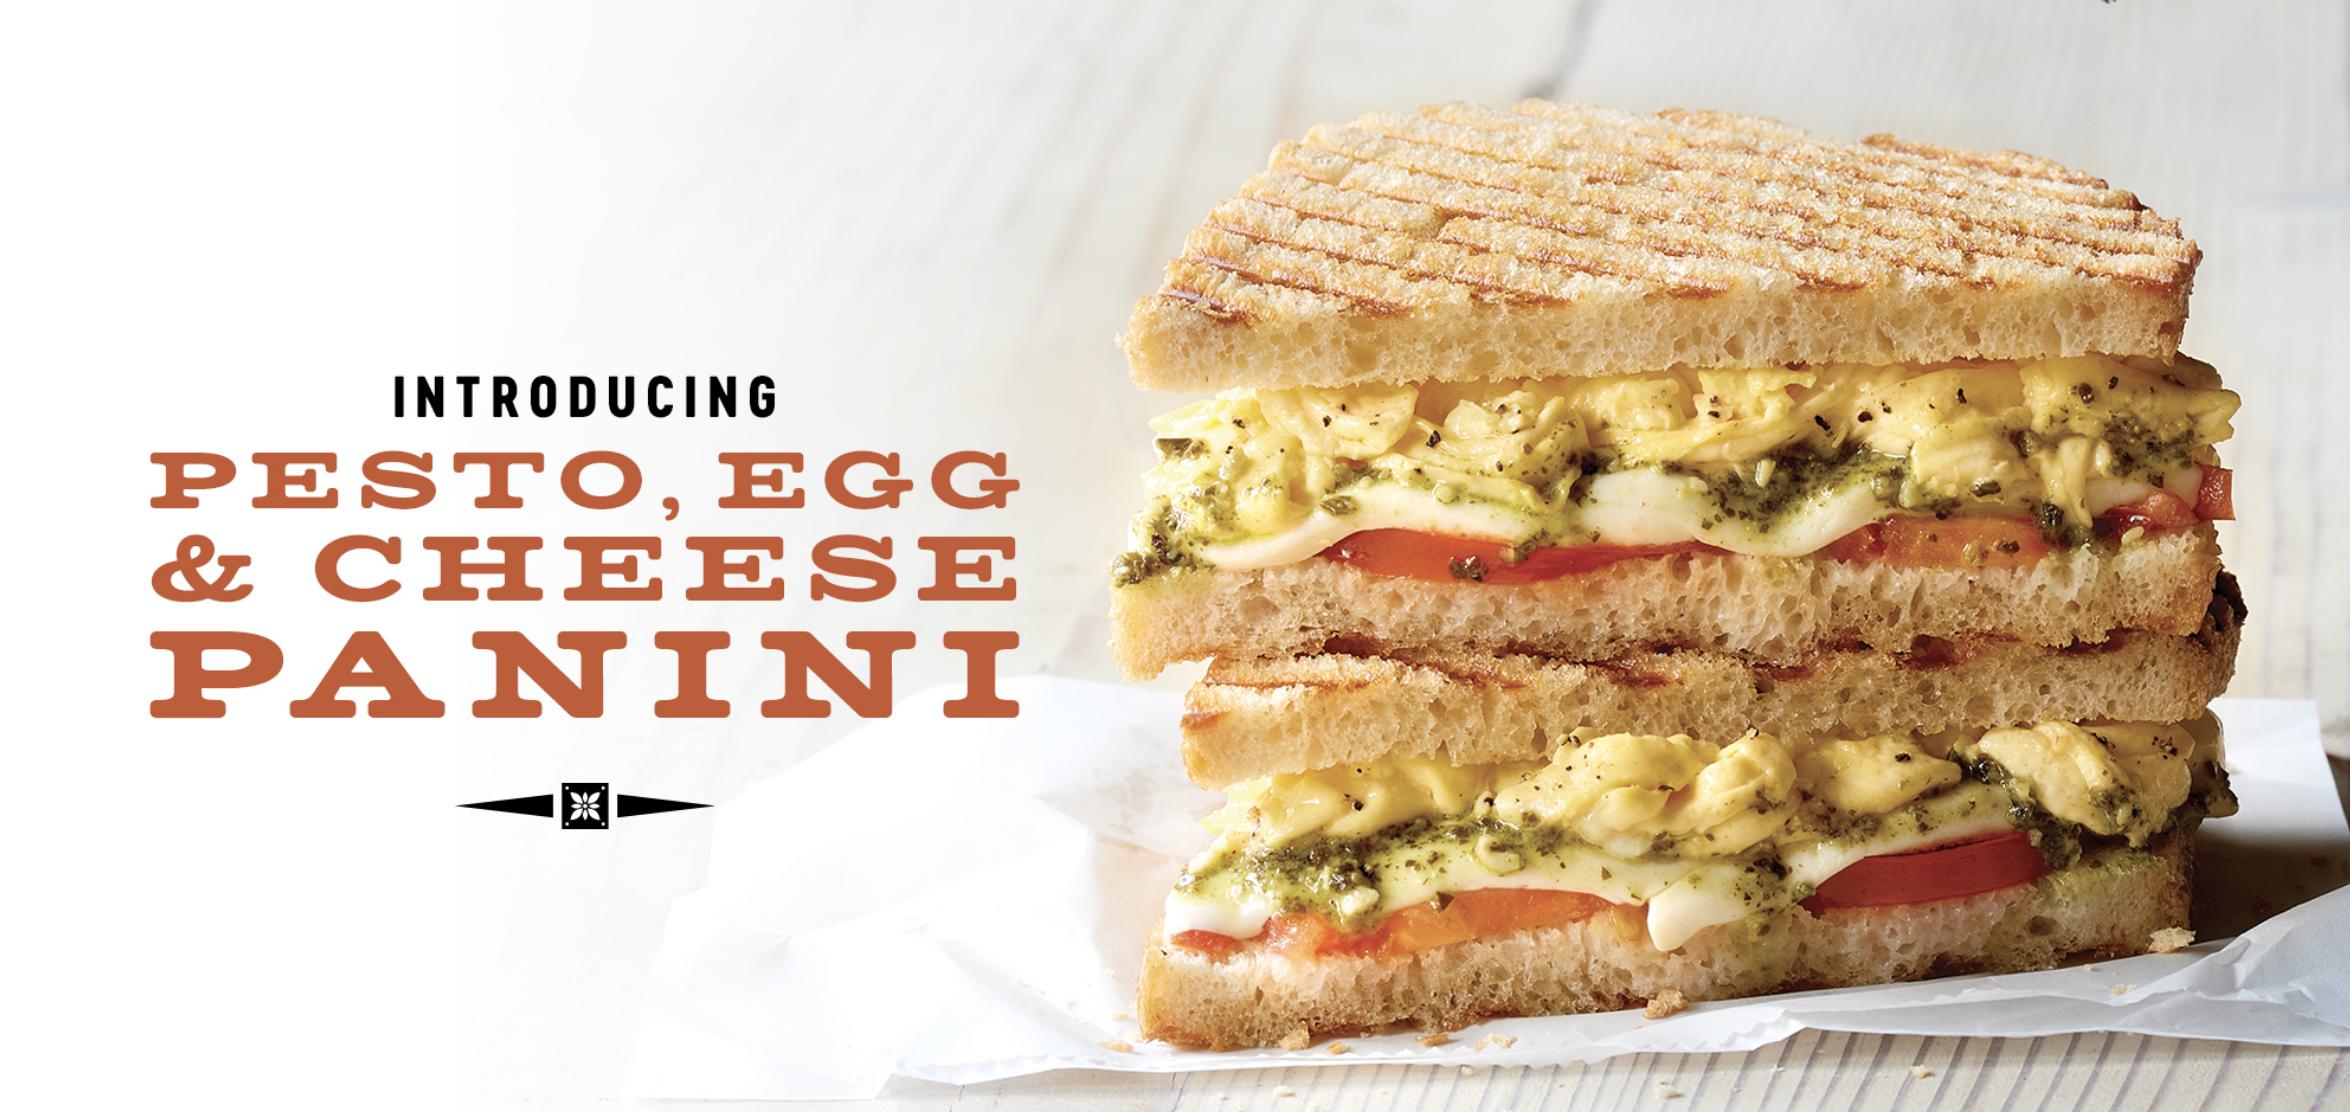 New — Pesto, Egg & Cheese Panini